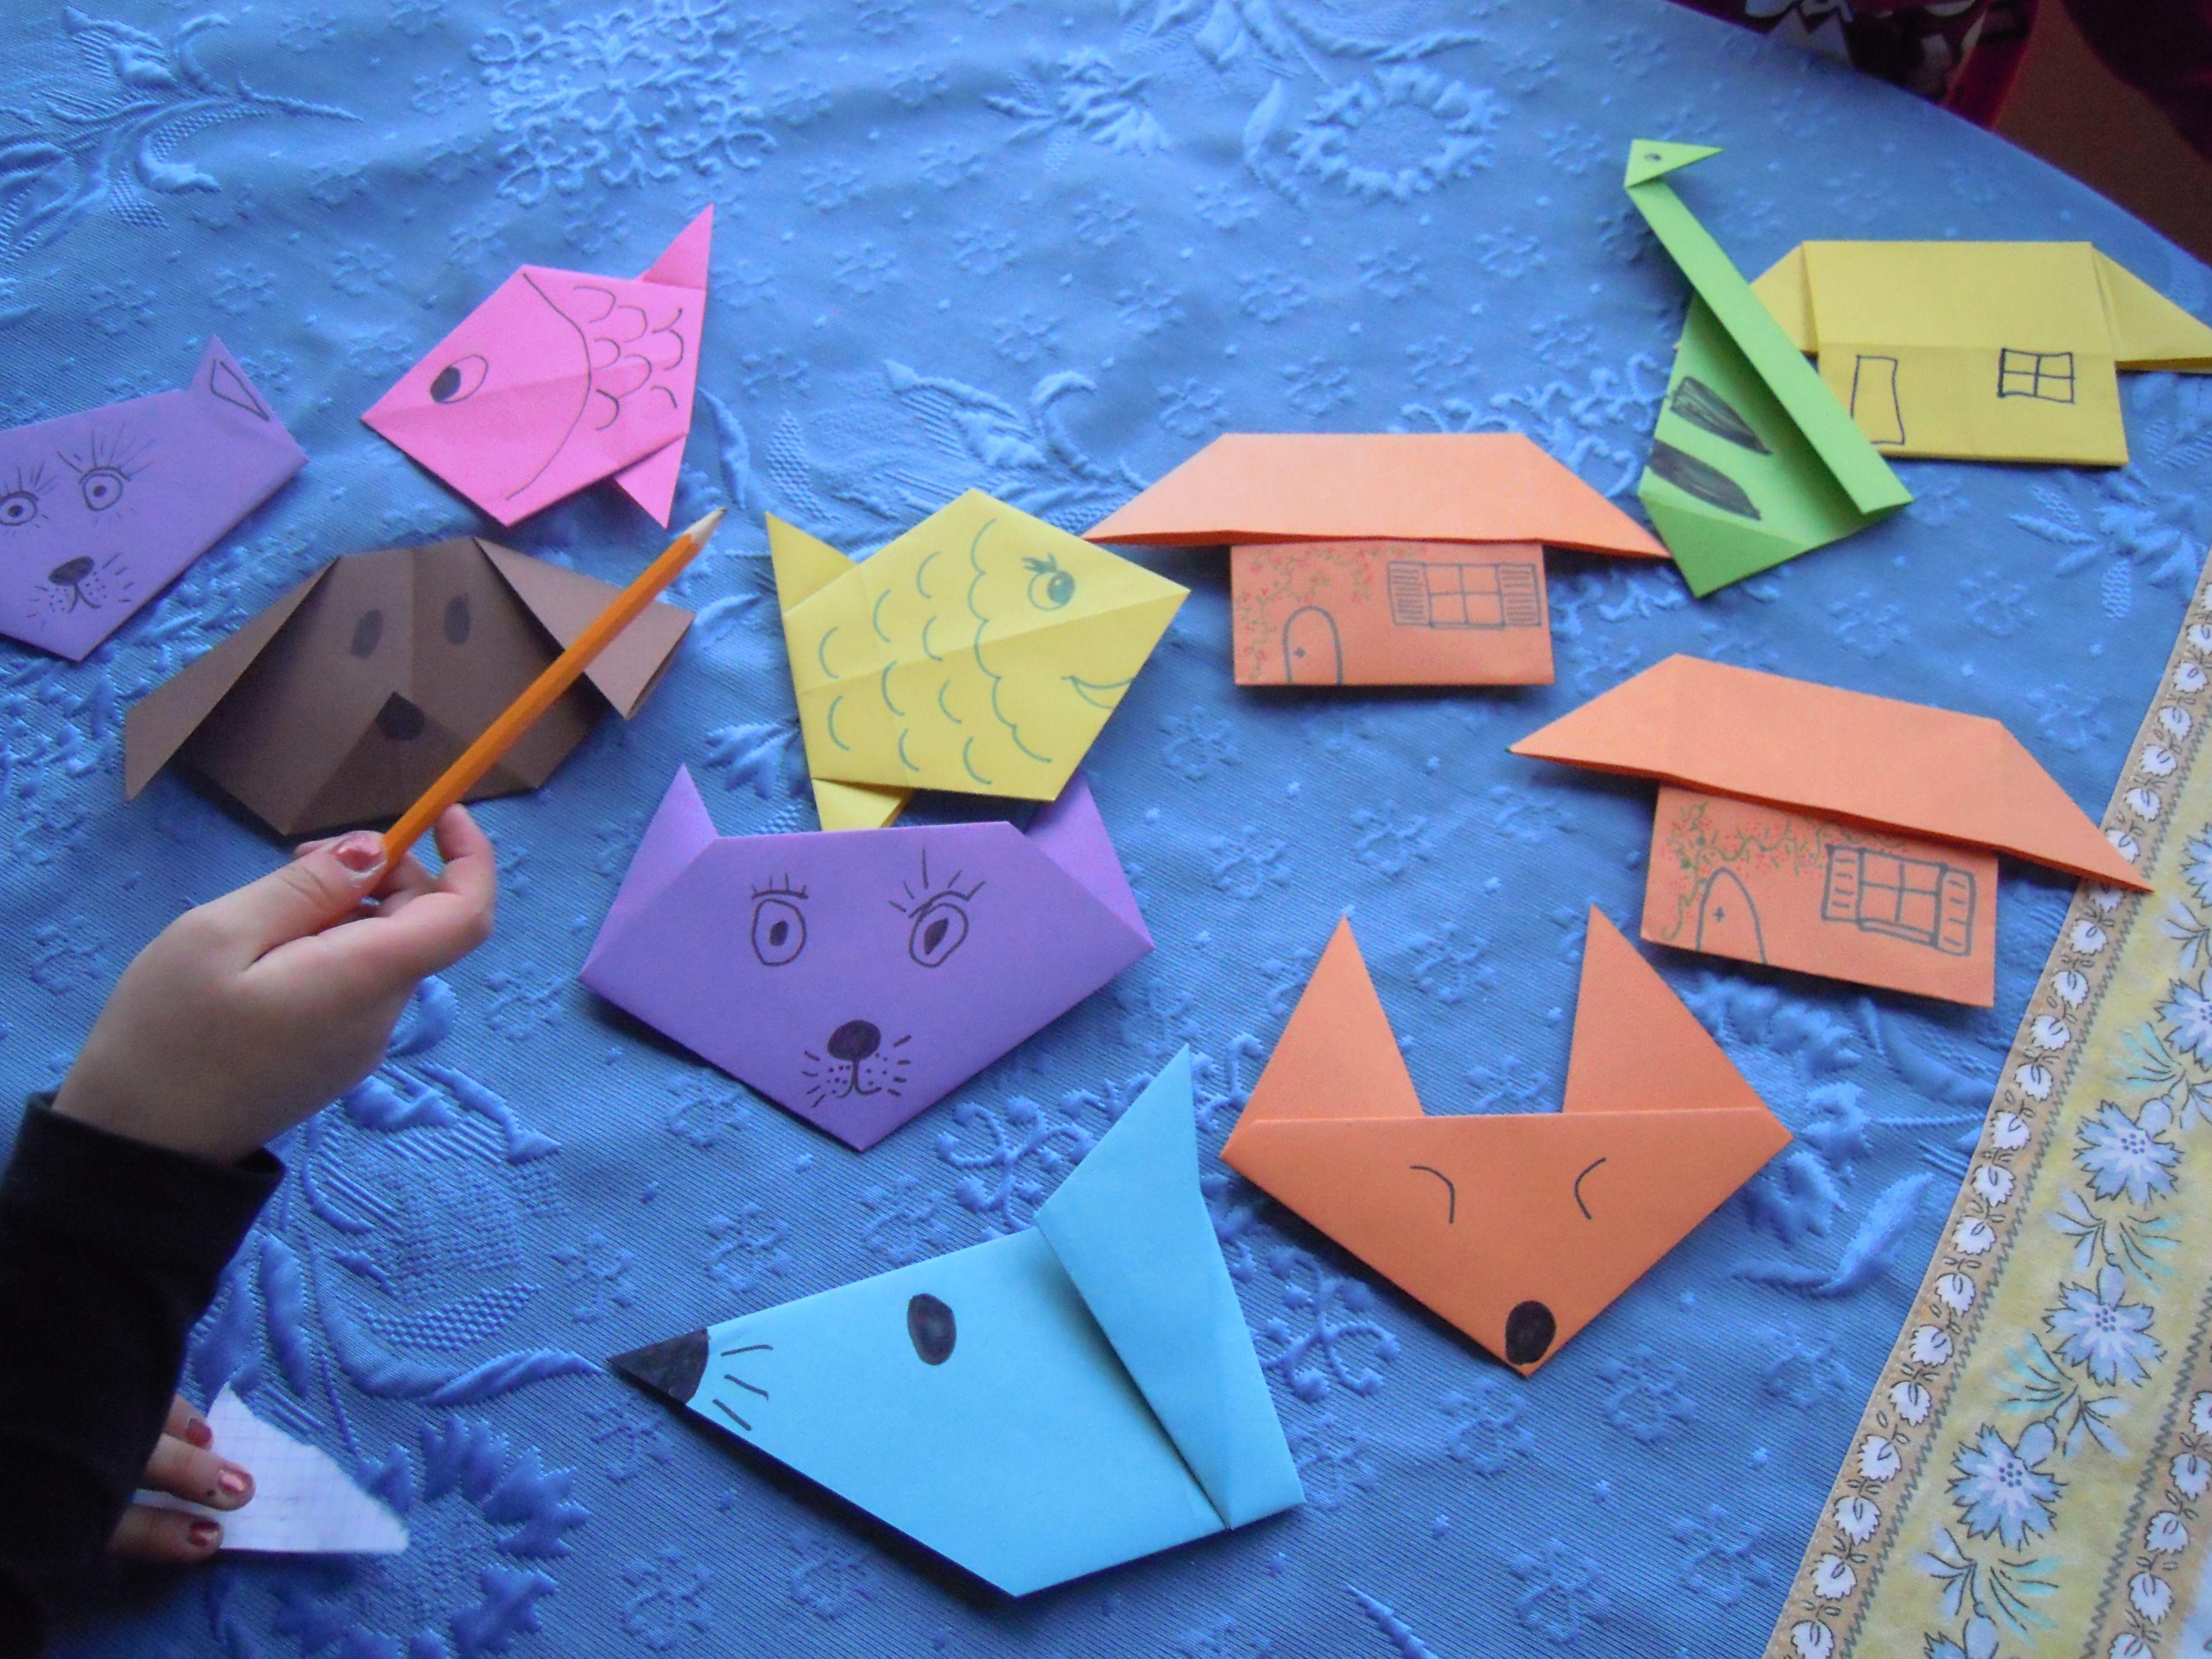 Bambini Pasqua ~ Origami con i bambini creandosicrescecrescendosicrea tumblr